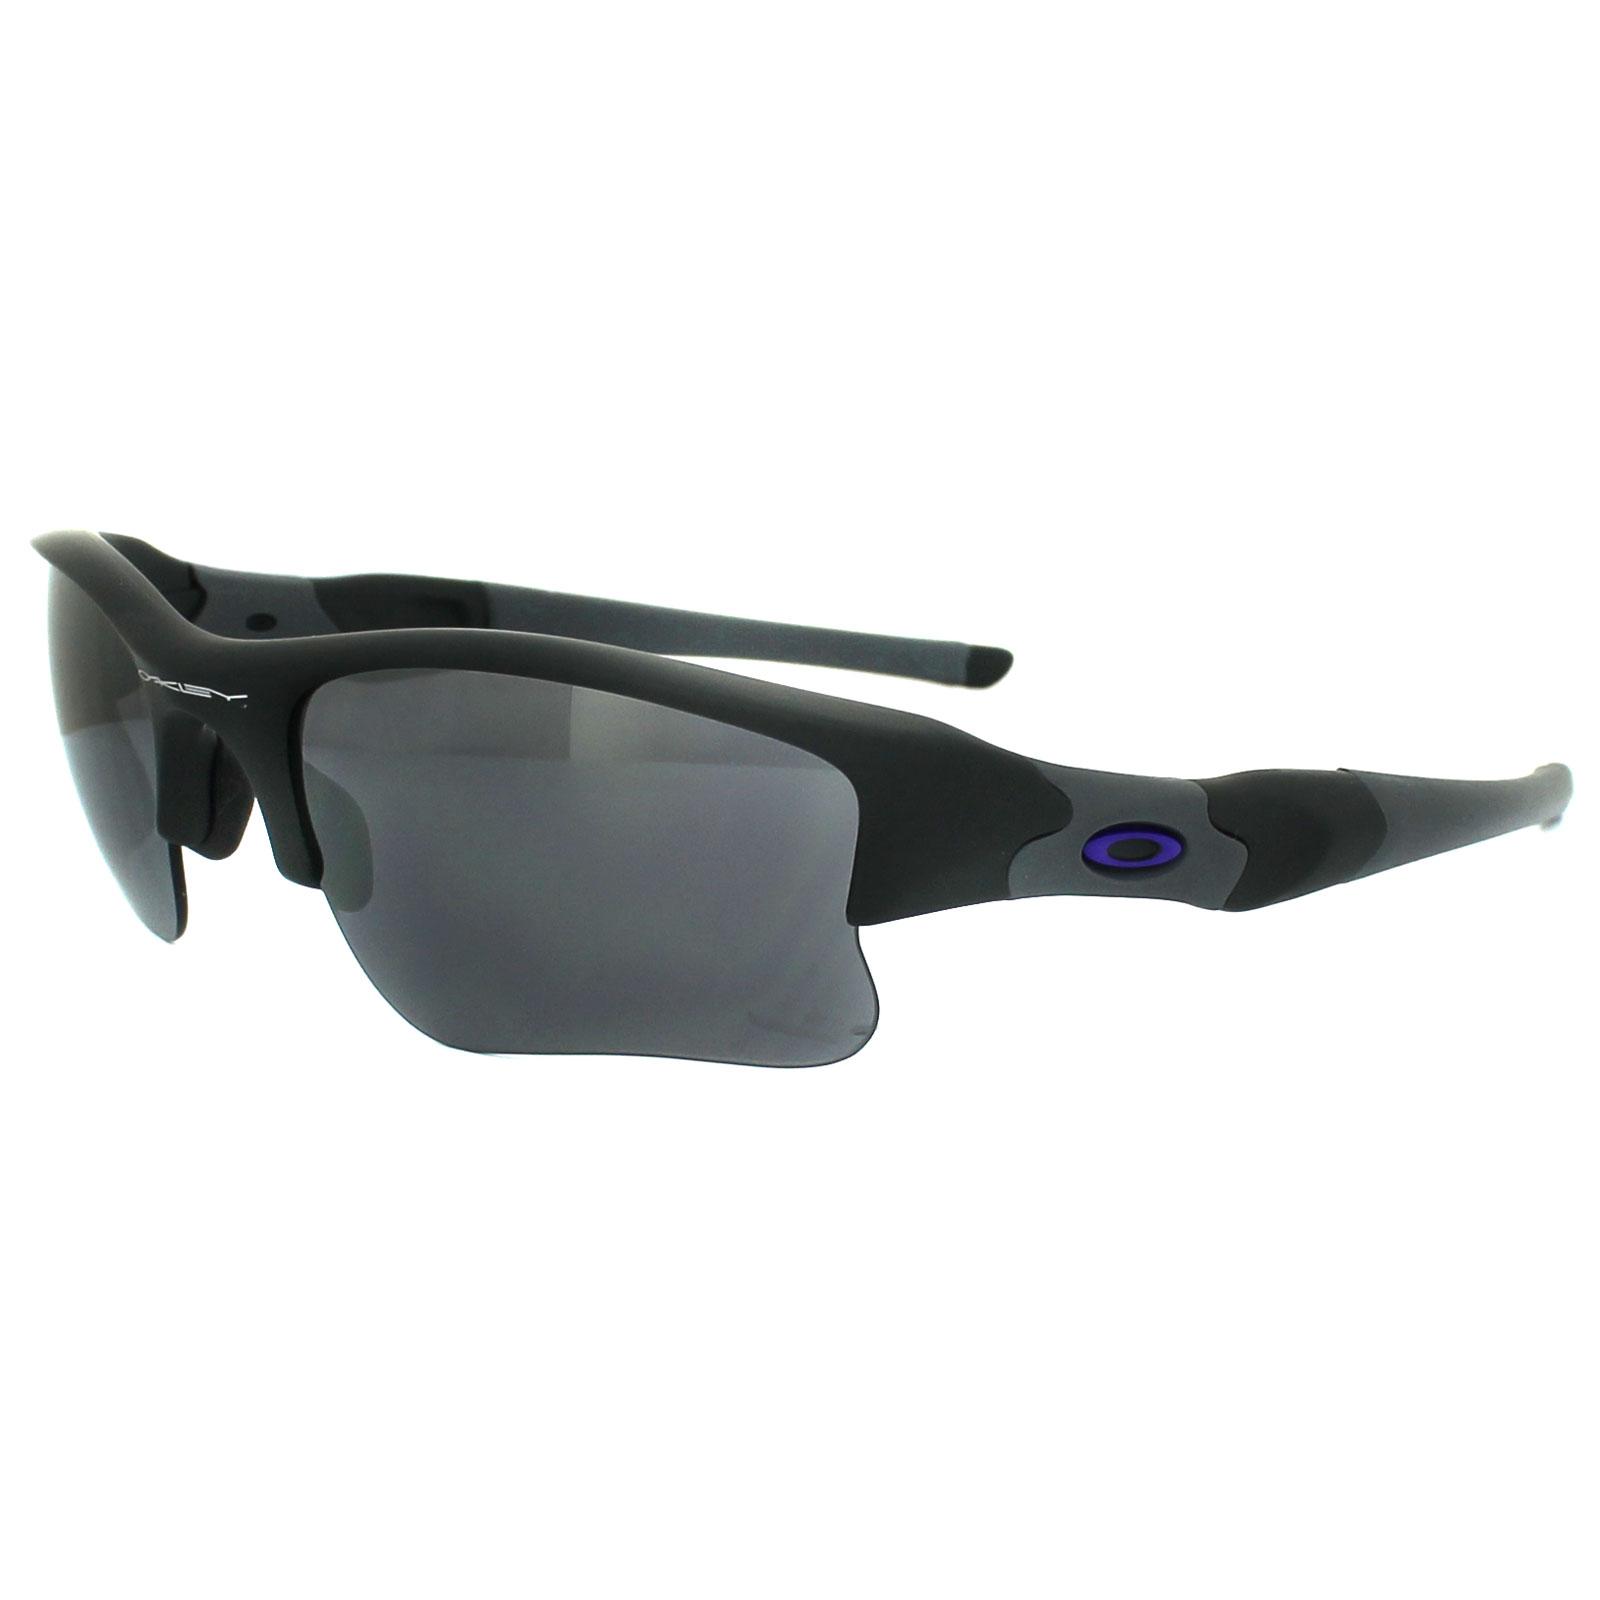 cc8d937792 Oakley Flak Jacket Xlj Sunglasses Ebay « Heritage Malta